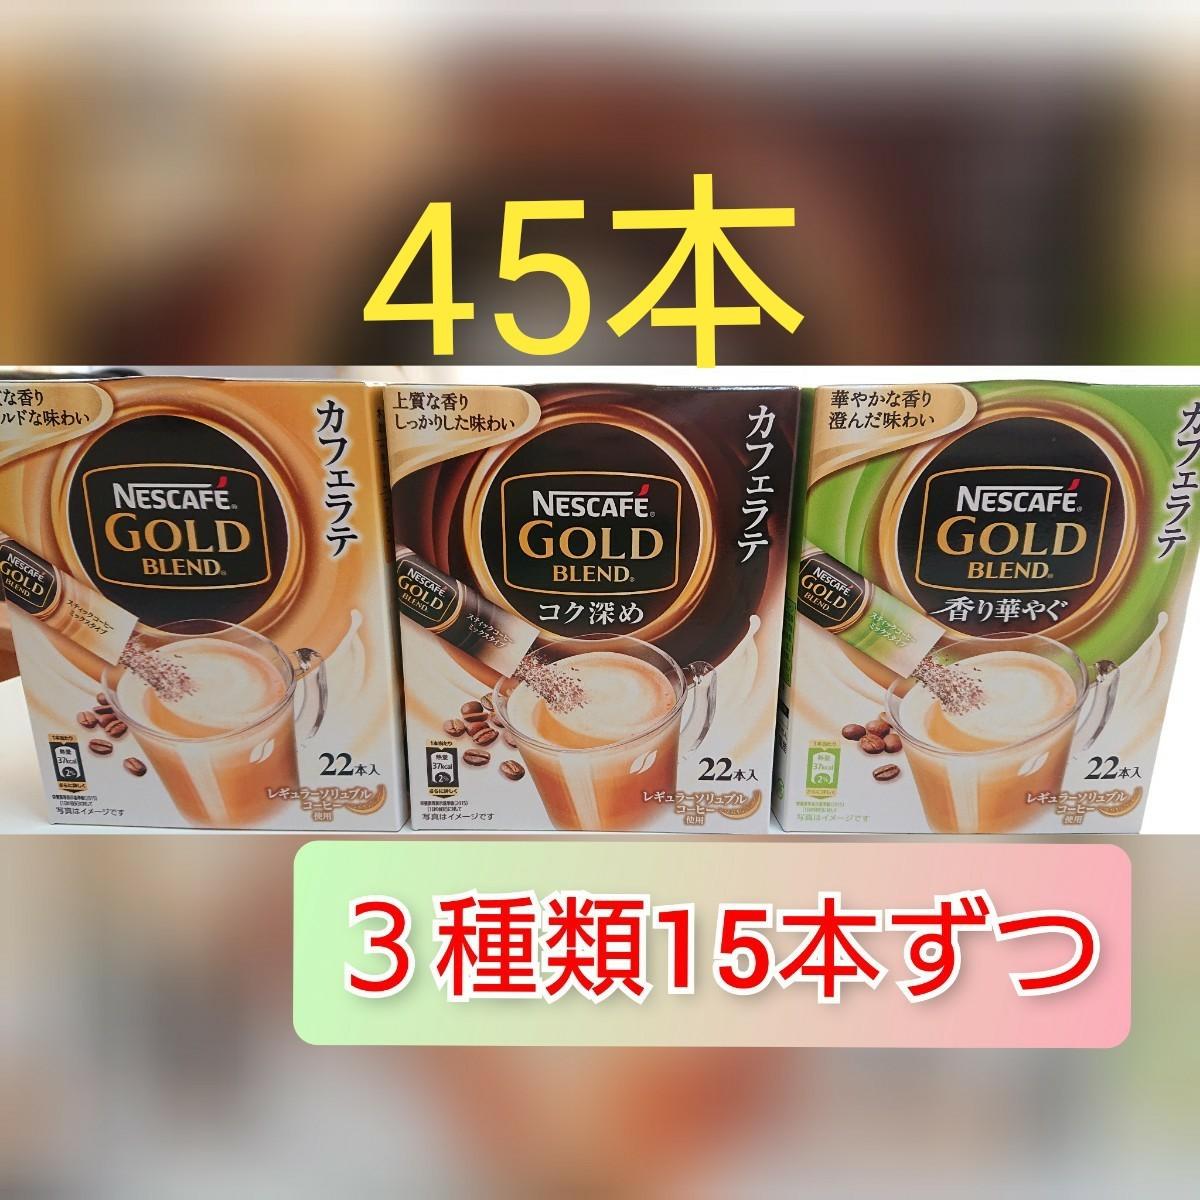 ネスカフェ  ゴールドブレンド スティックコーヒー 3種類 15本ずつ